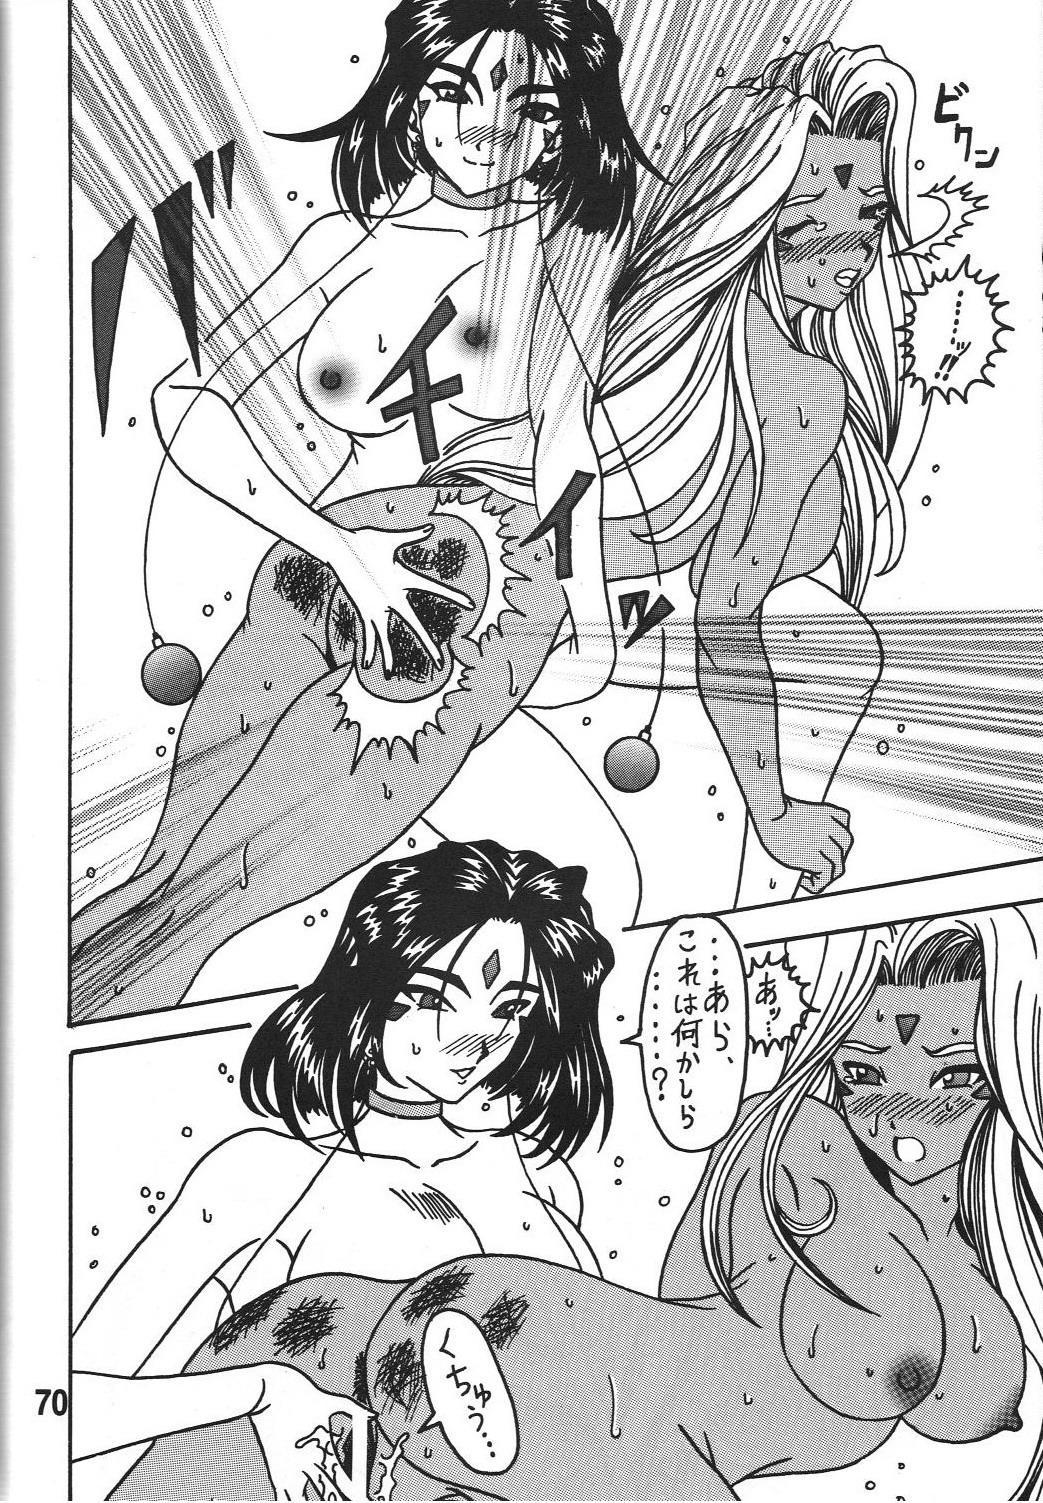 Megami no yuri kago 69